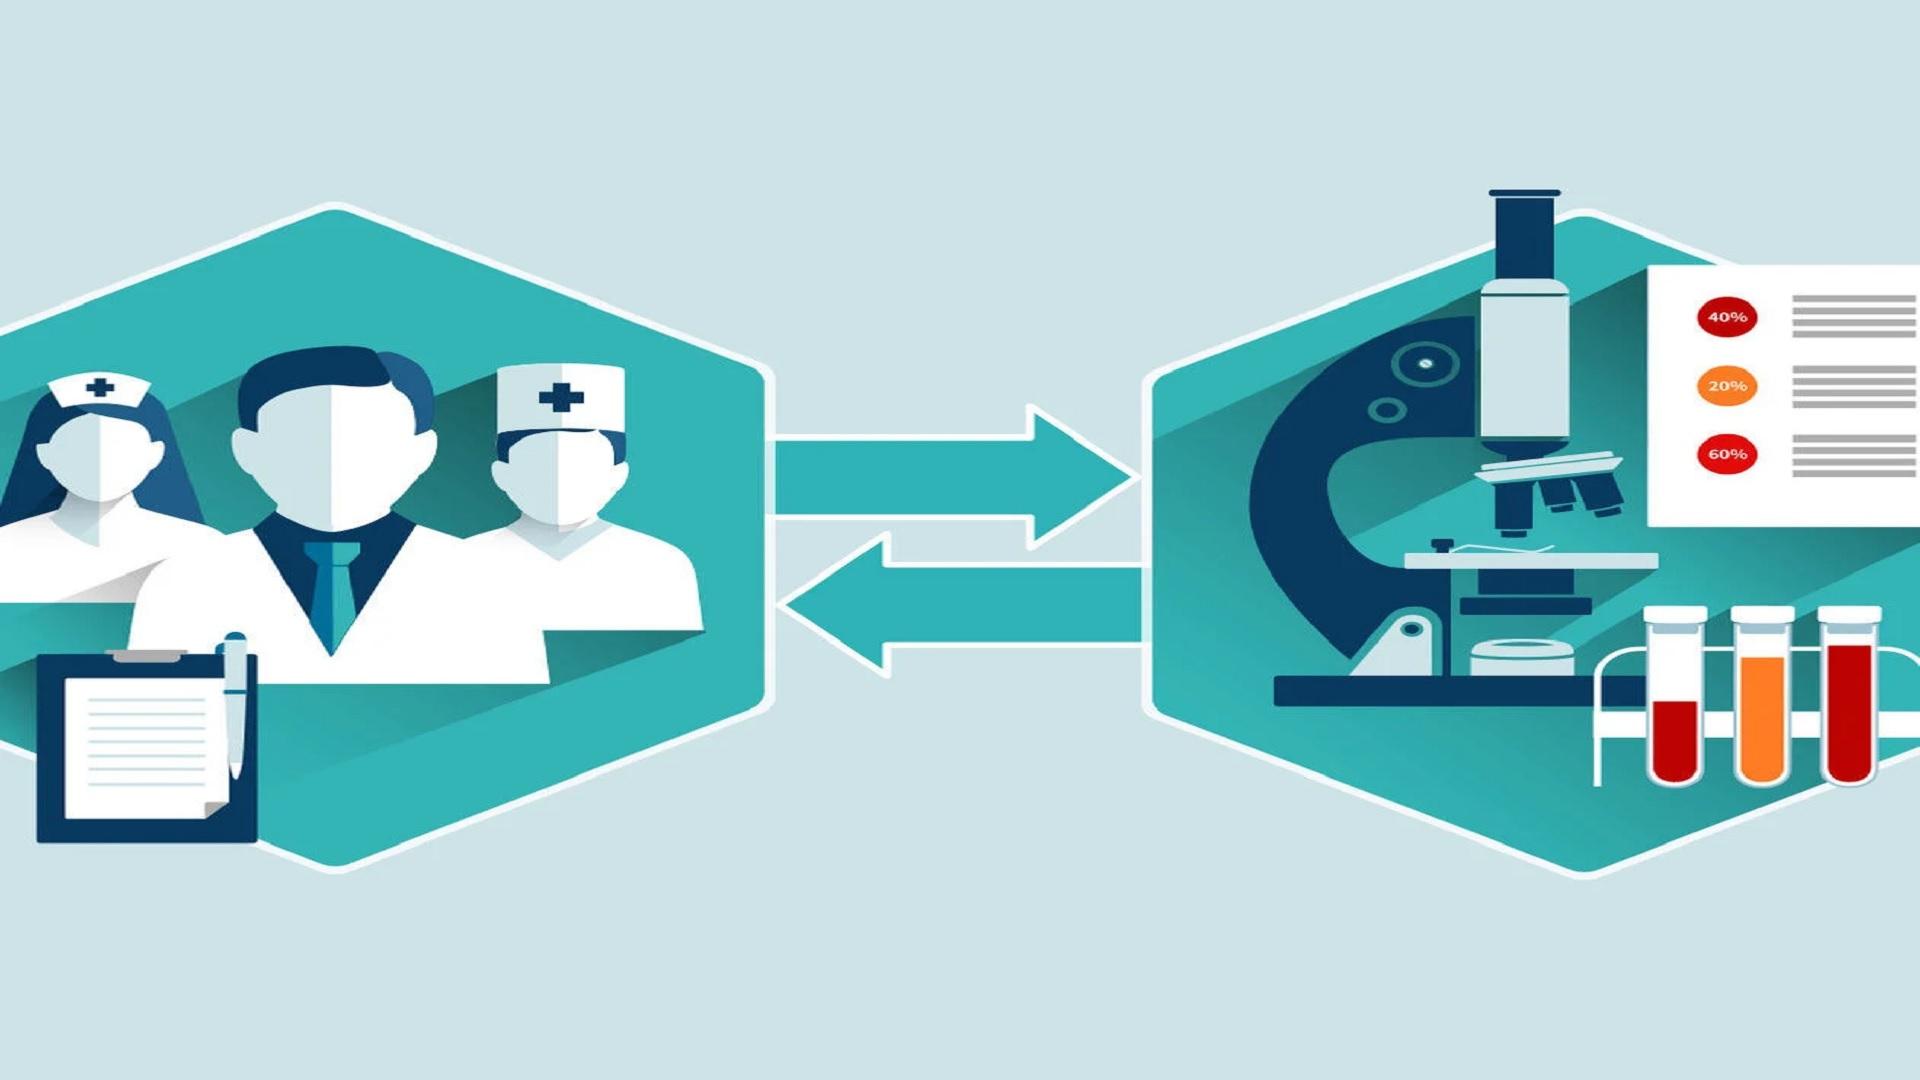 Κλινικές δοκιμές ψηφιακή εποχή: Τα εμπόδια και η ανάγκη για μεταρρύθμιση